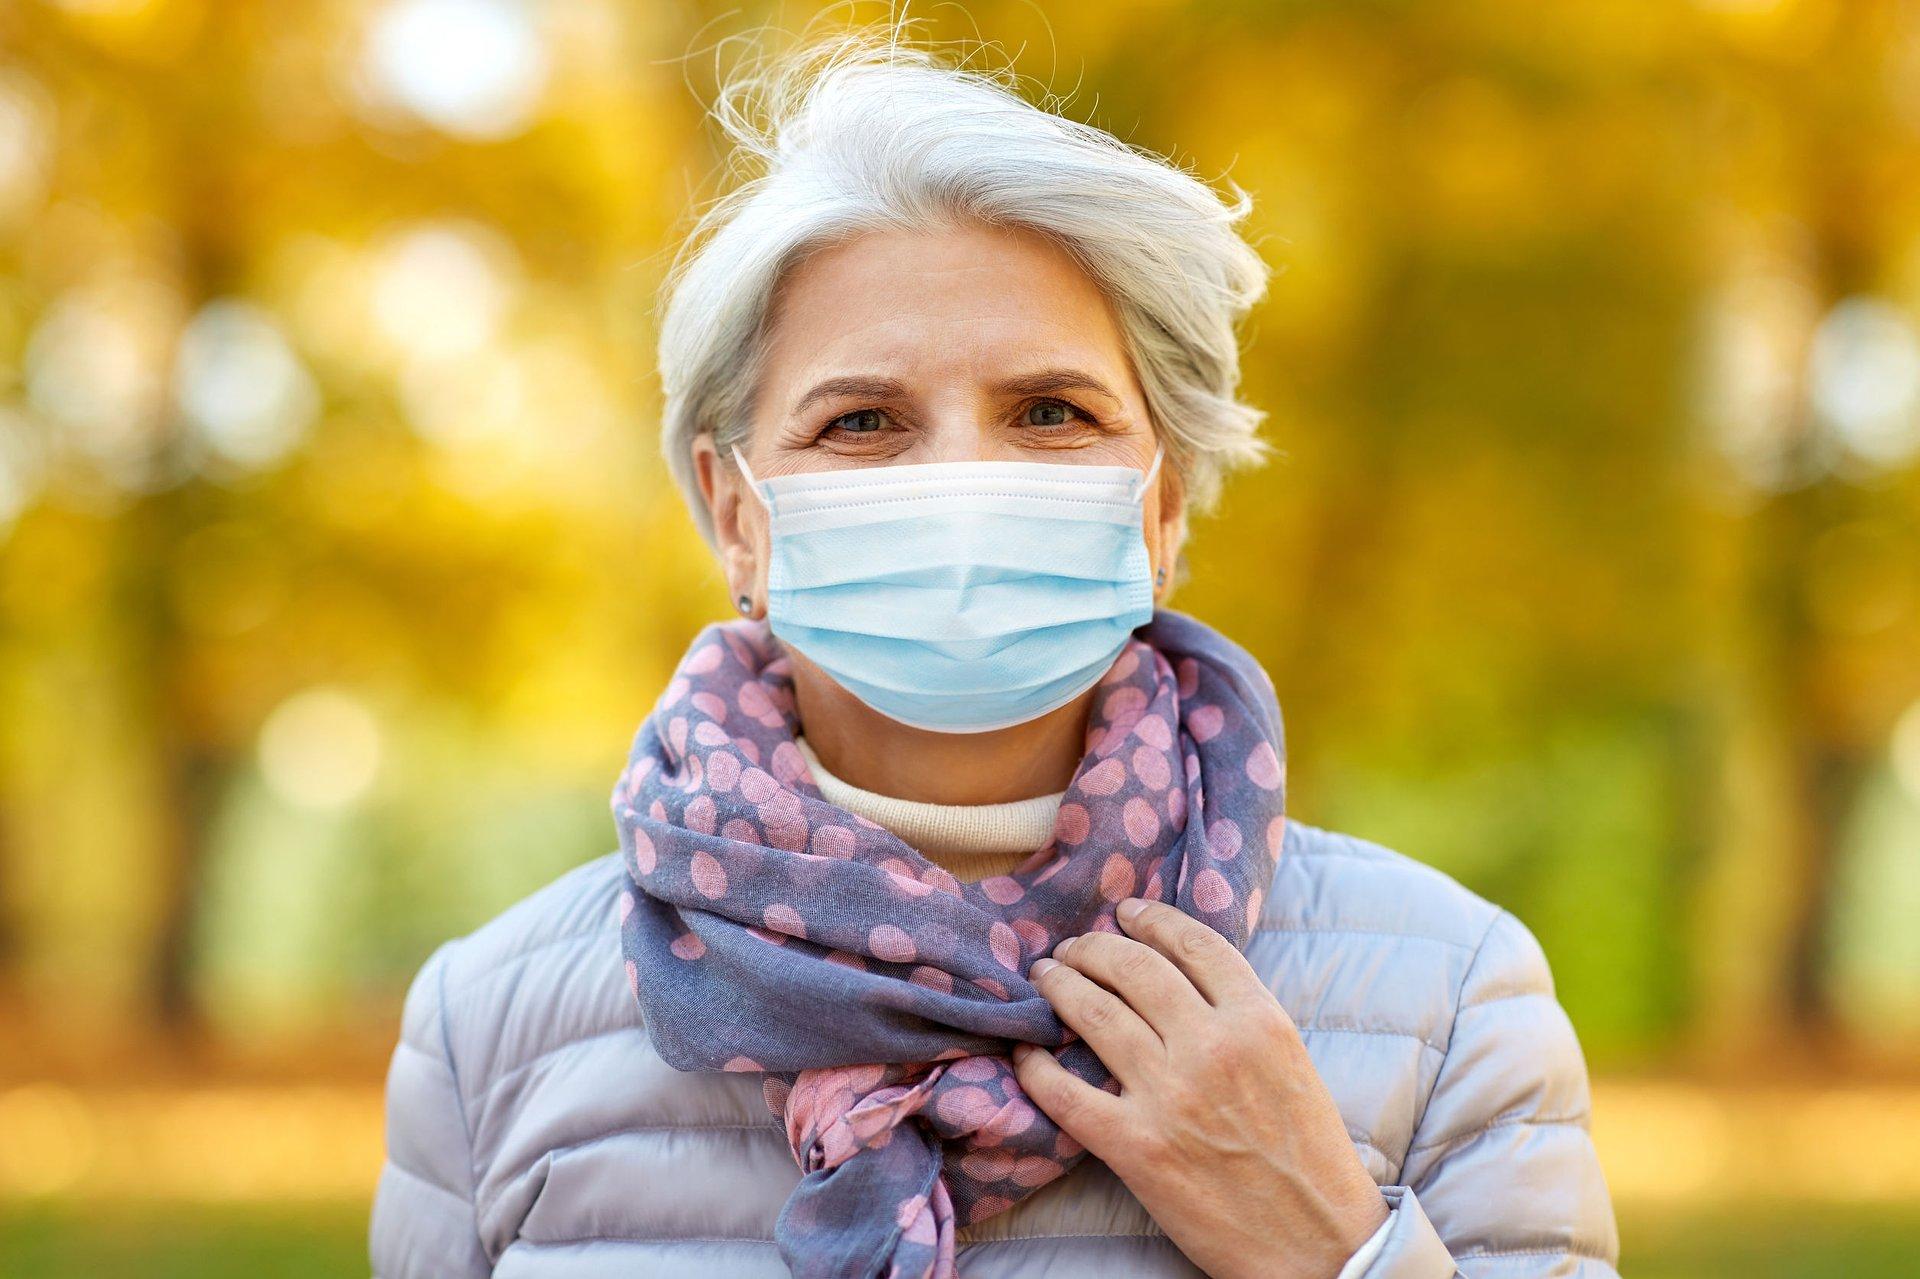 Jesienny rzut epidemii coraz bardziej realny. Eksperci ostrzegają i rekomendują